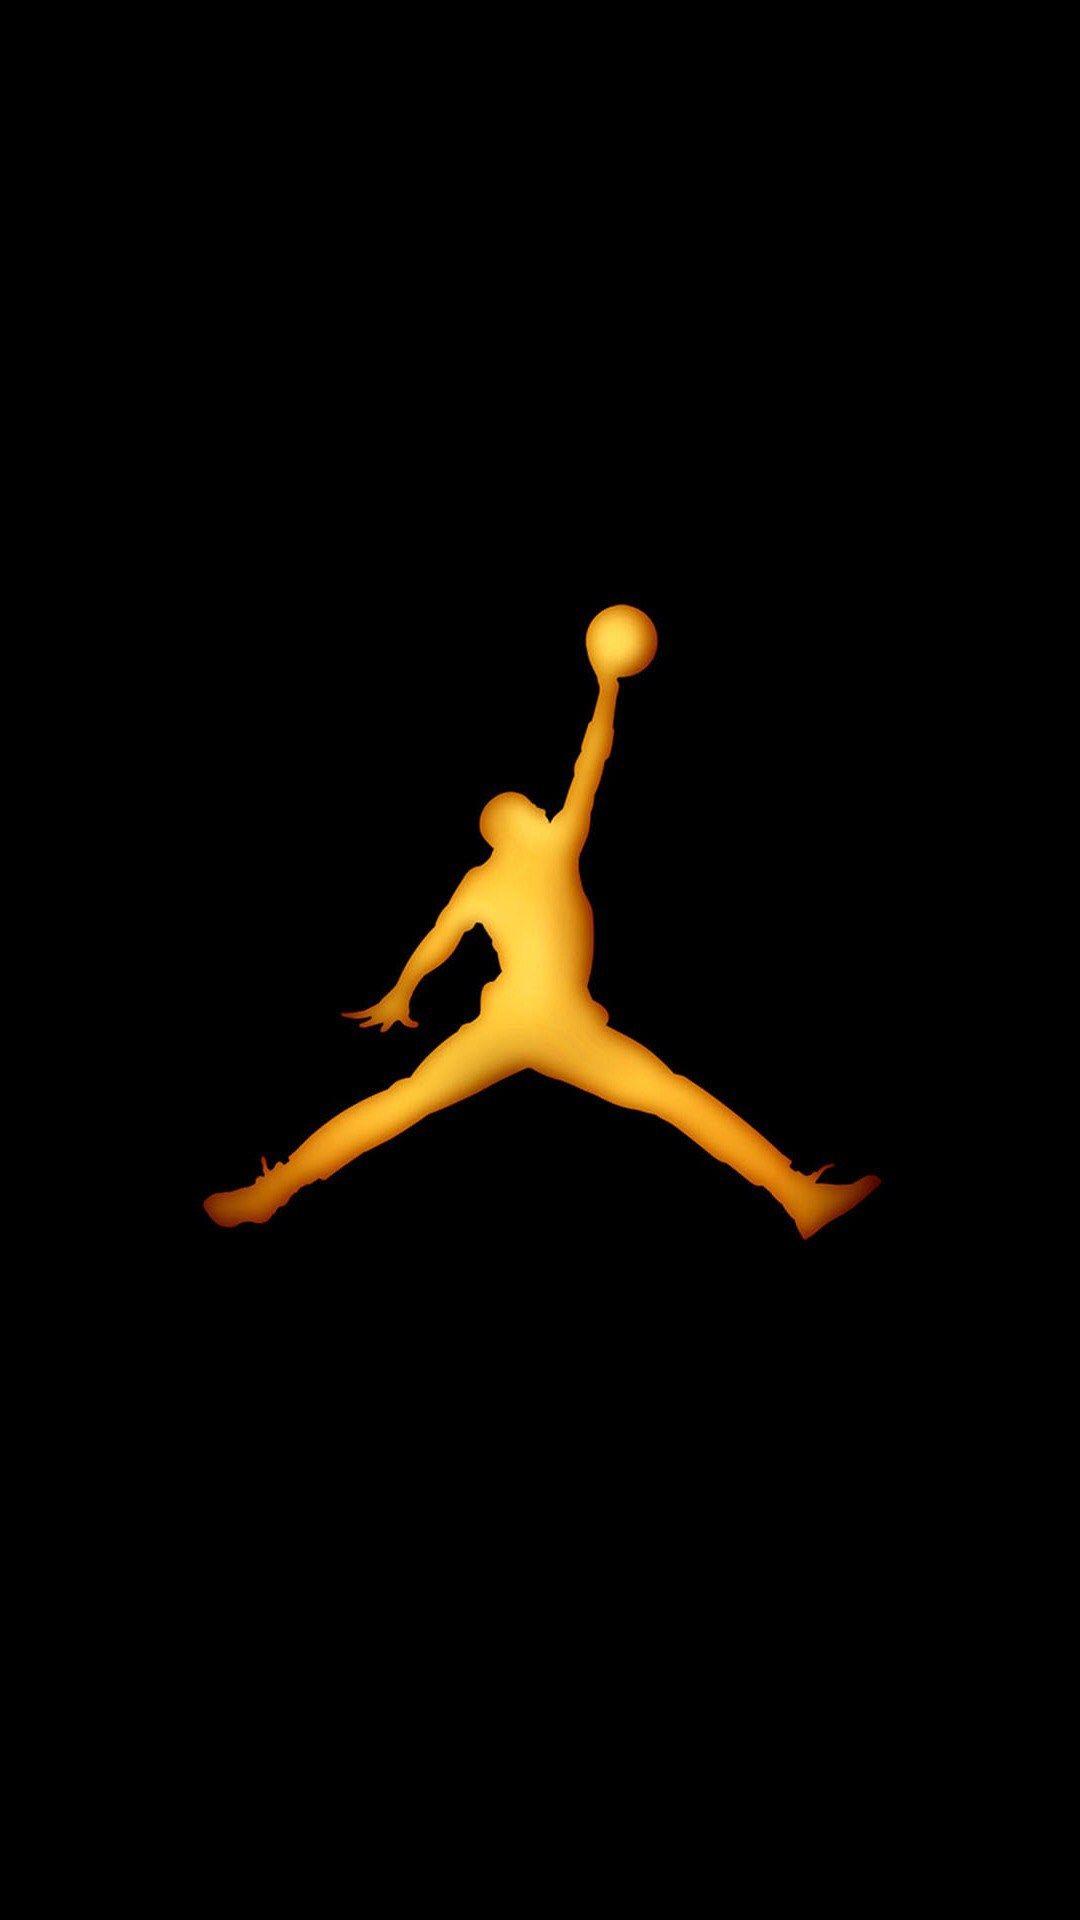 Jordan Jumpman 23 IPhone HD Wallpaper